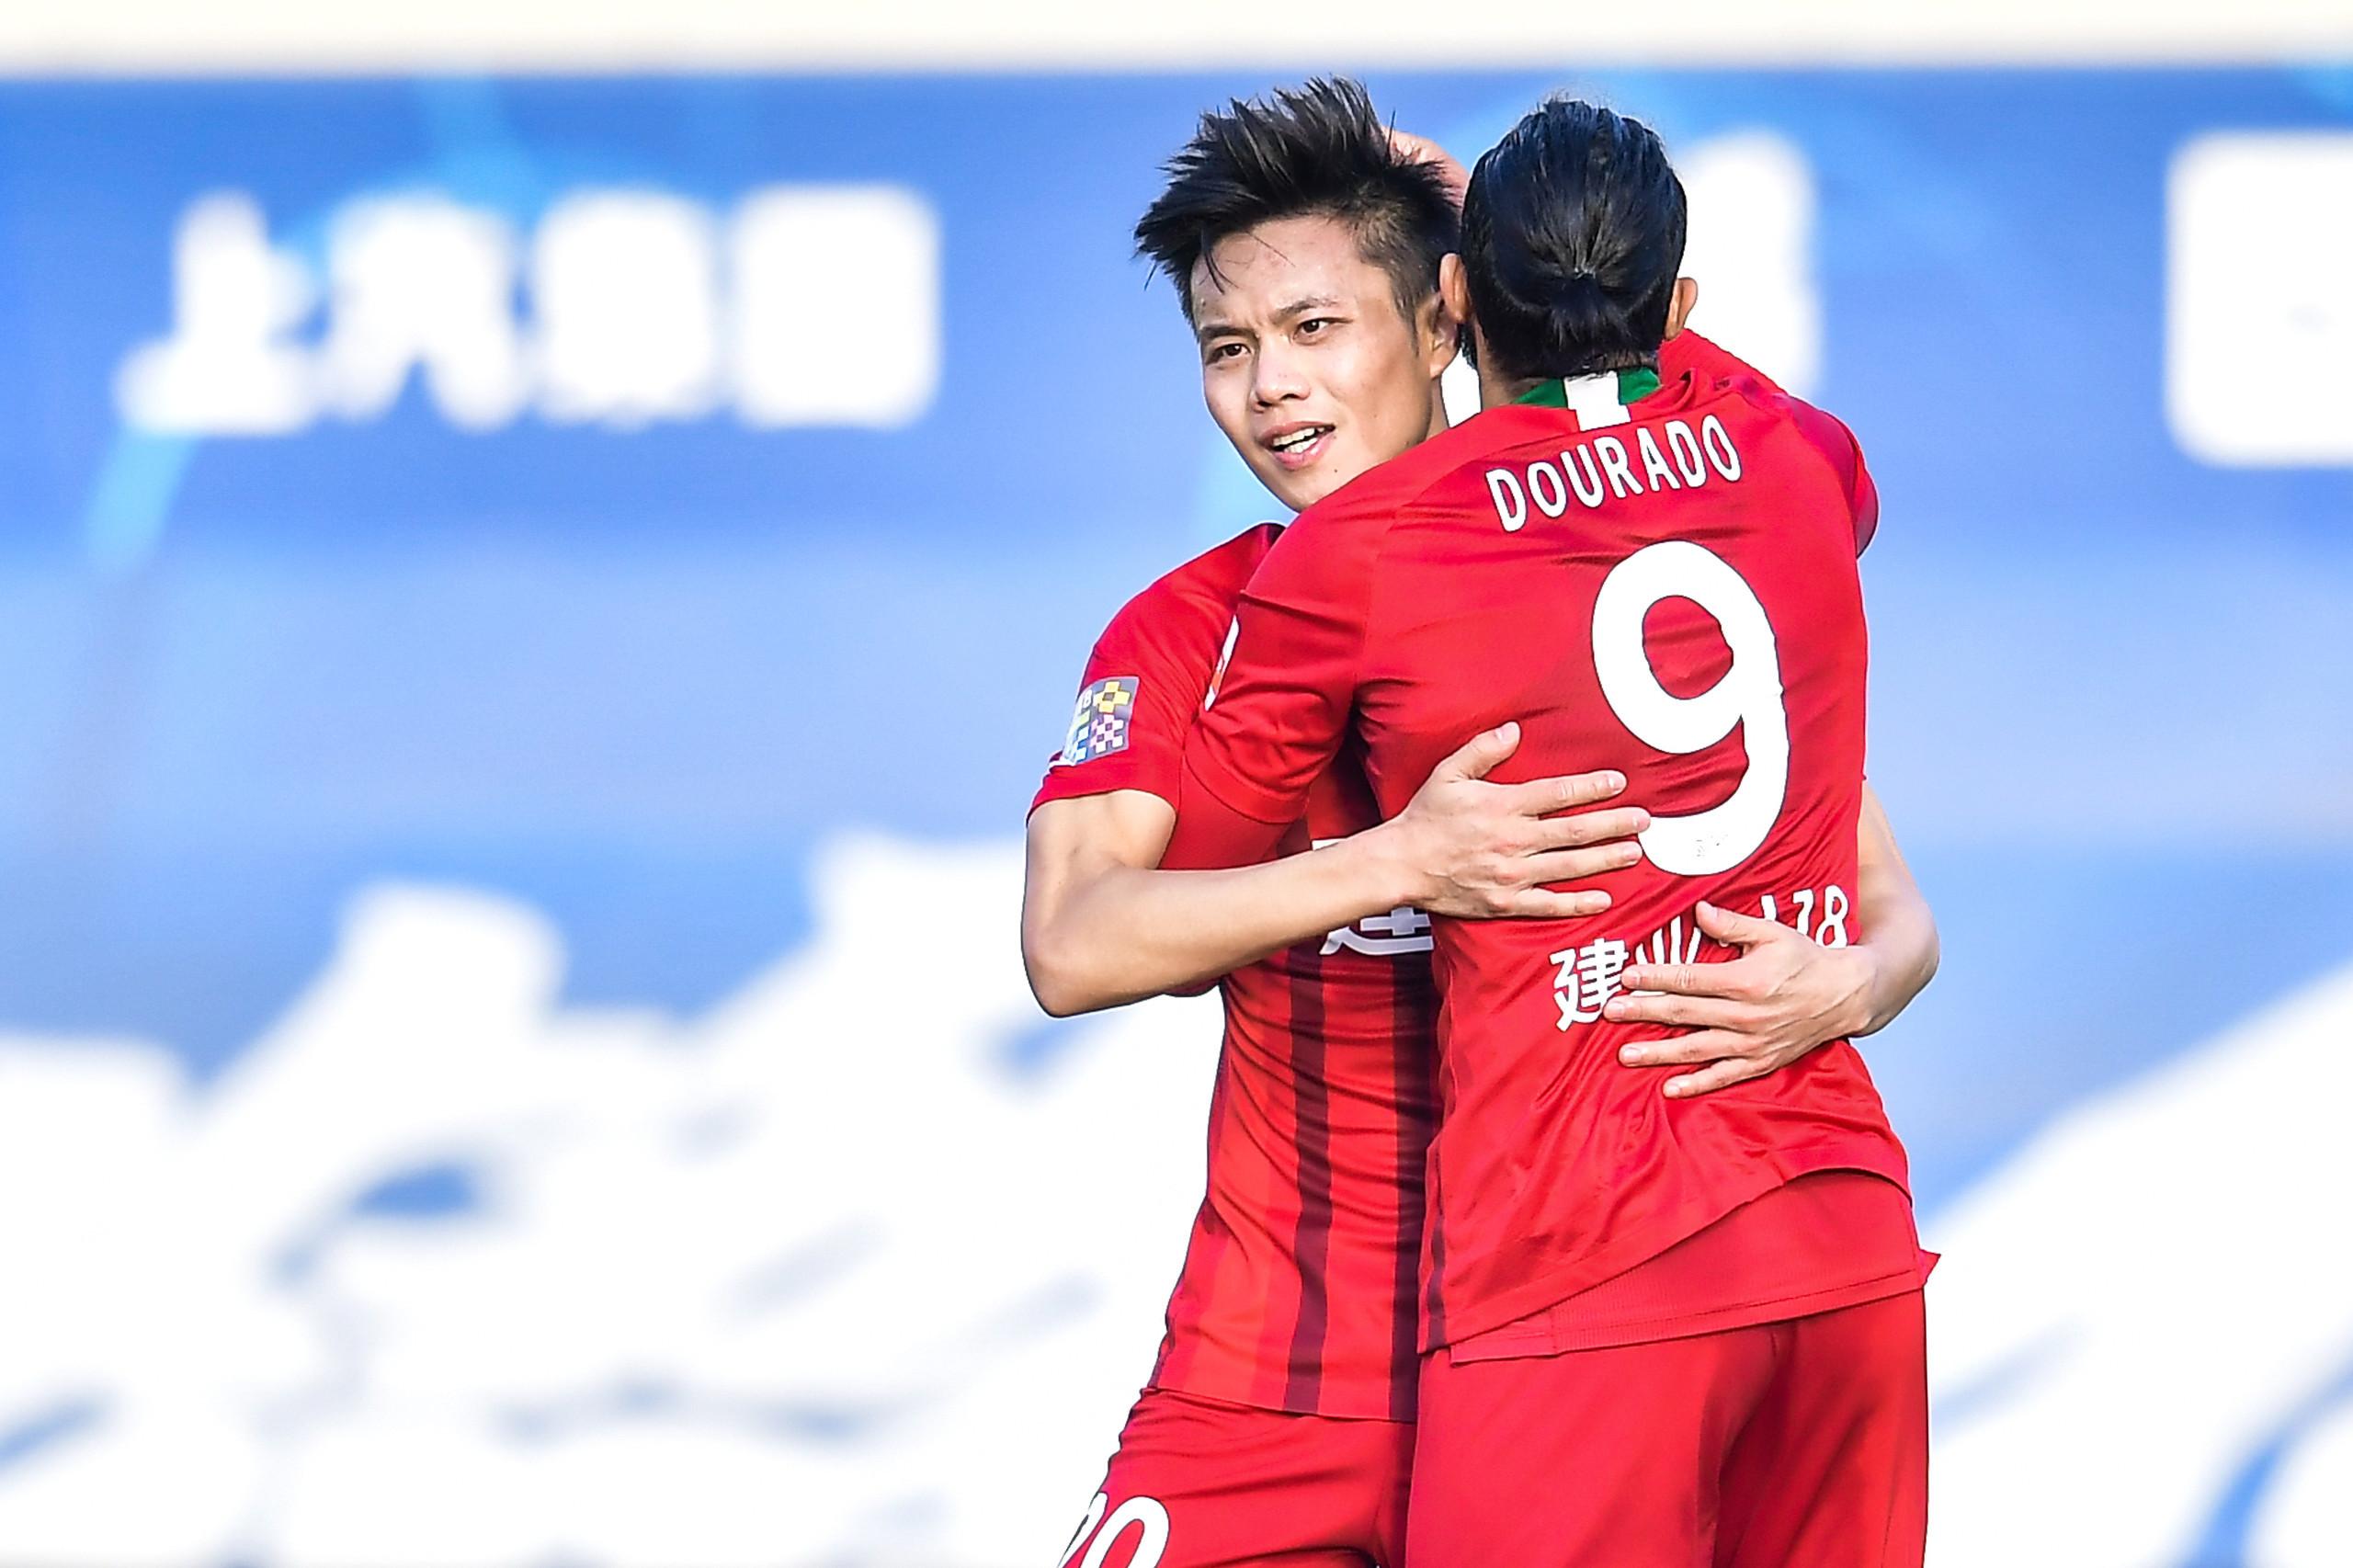 排位赛:冯博轩王上源建功, 建业2-1反转富力